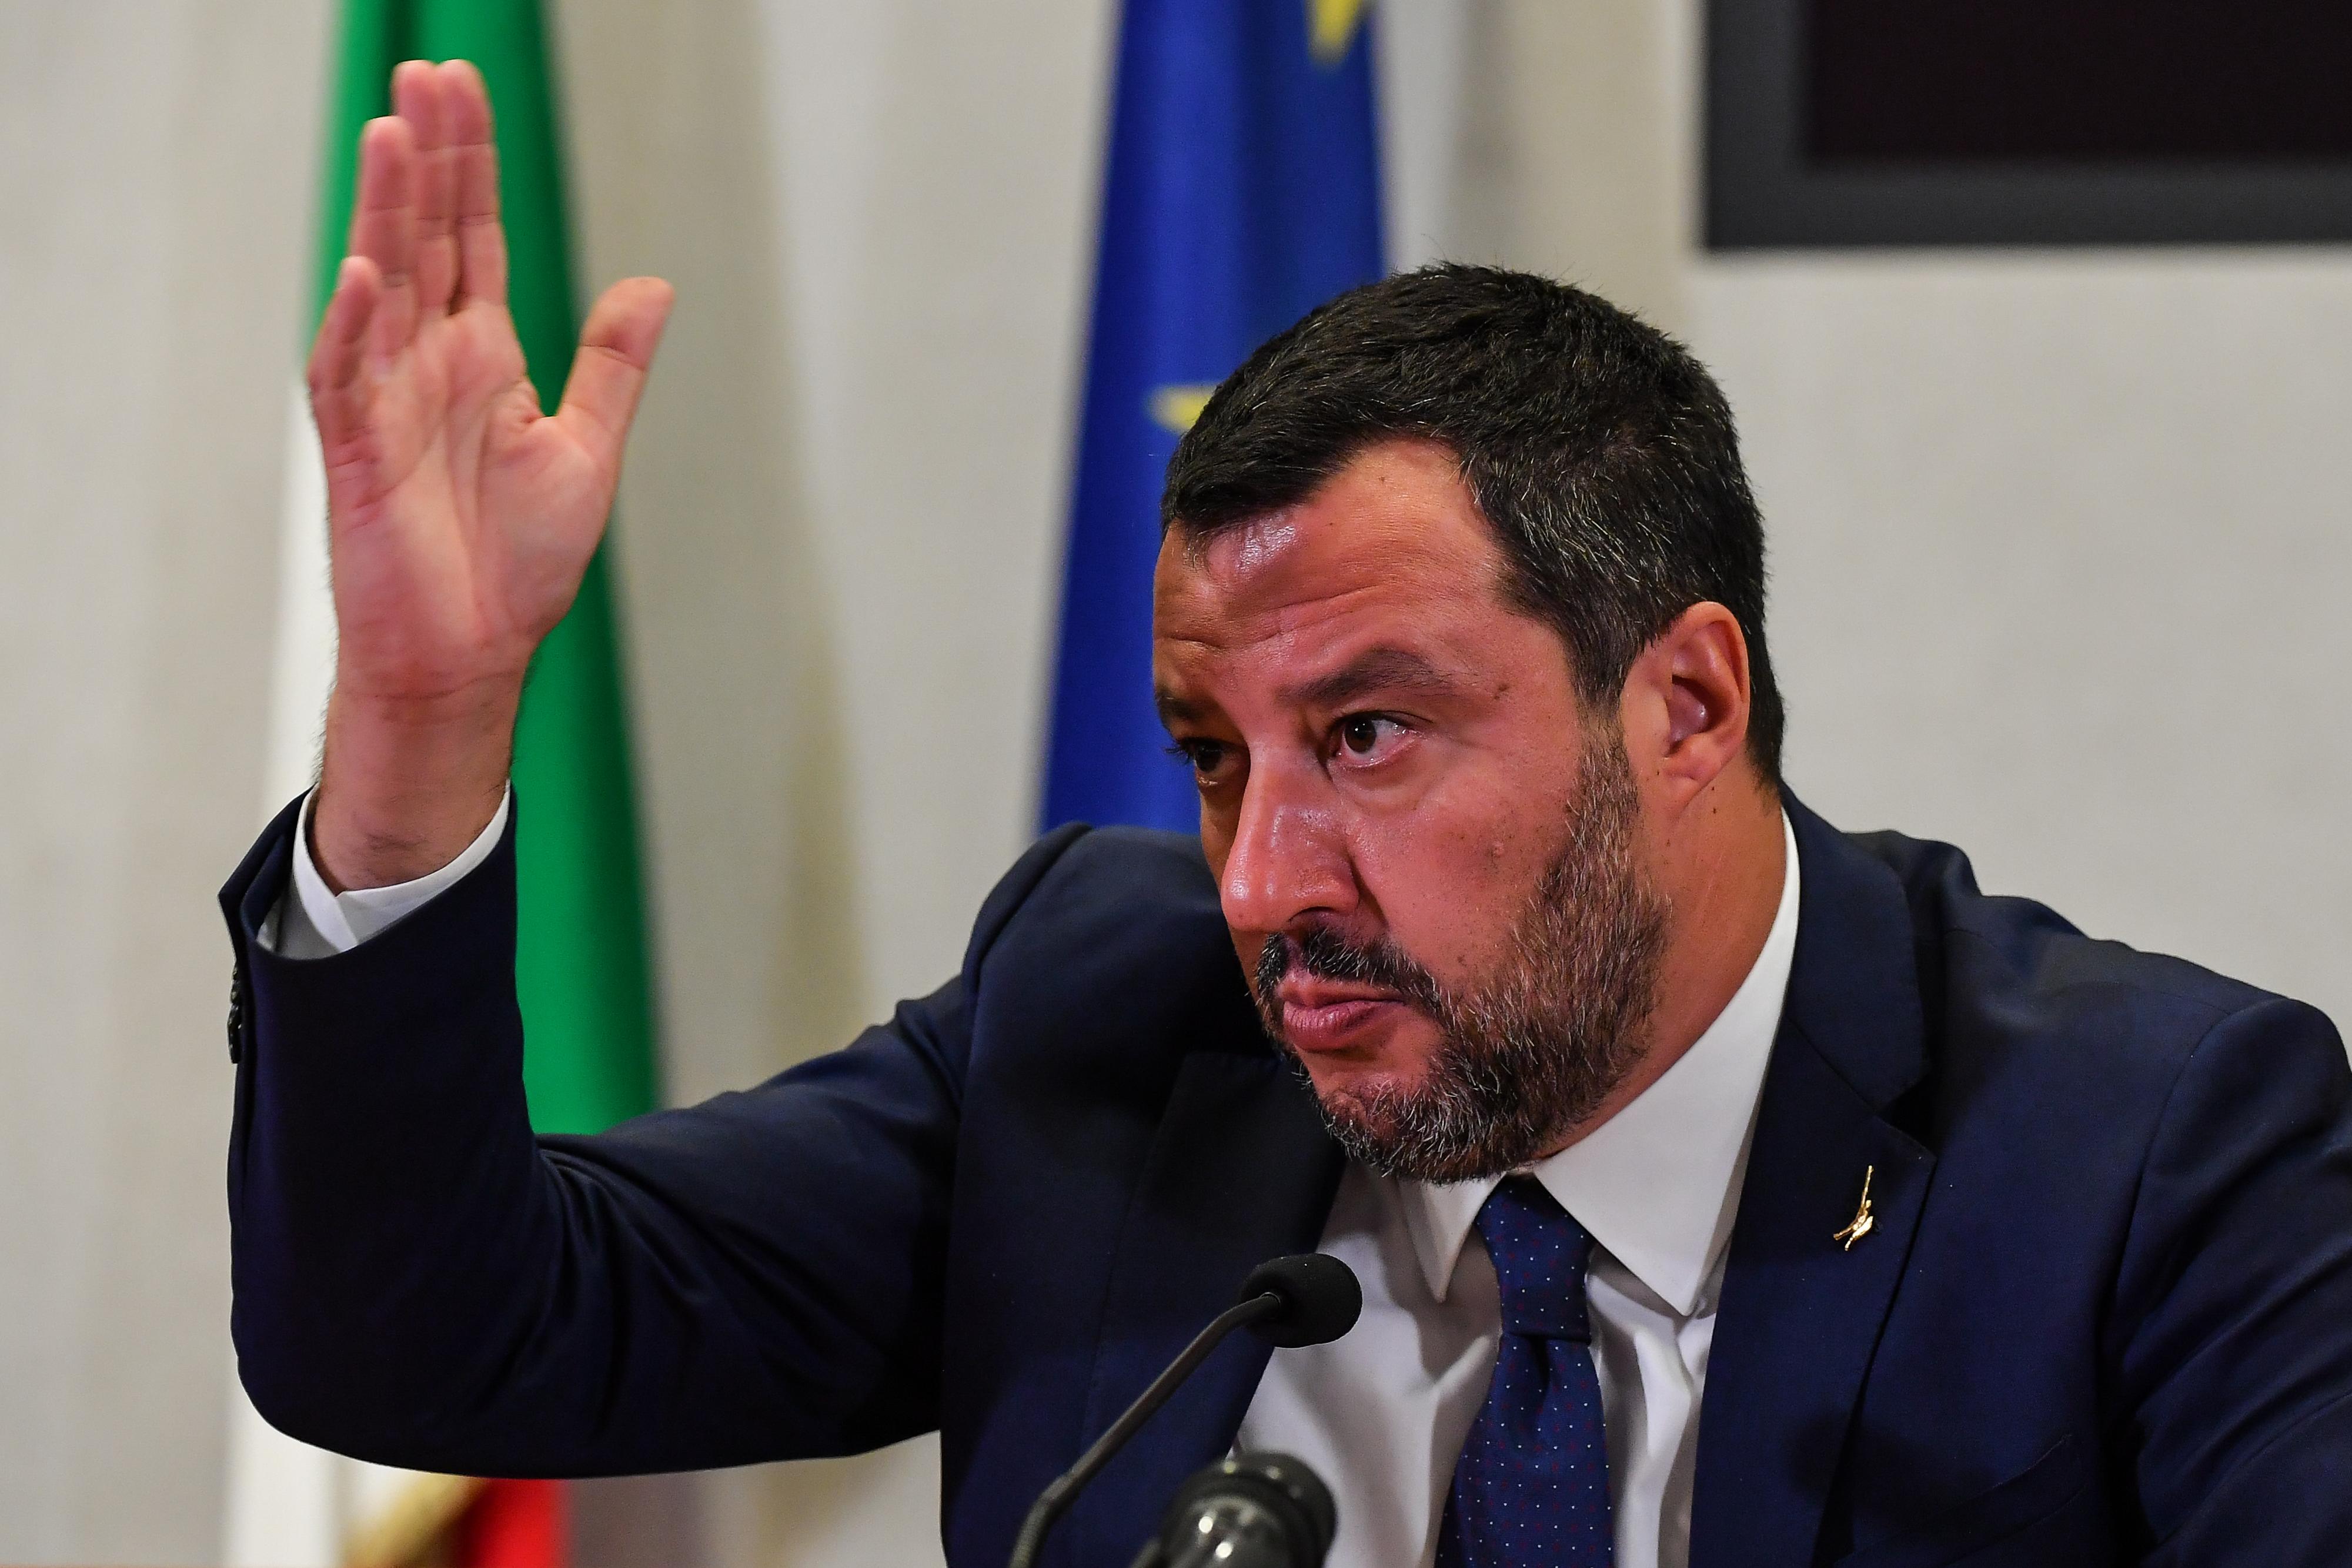 Elvette Matteo Salvini mentelmi jogát az olasz szenátus